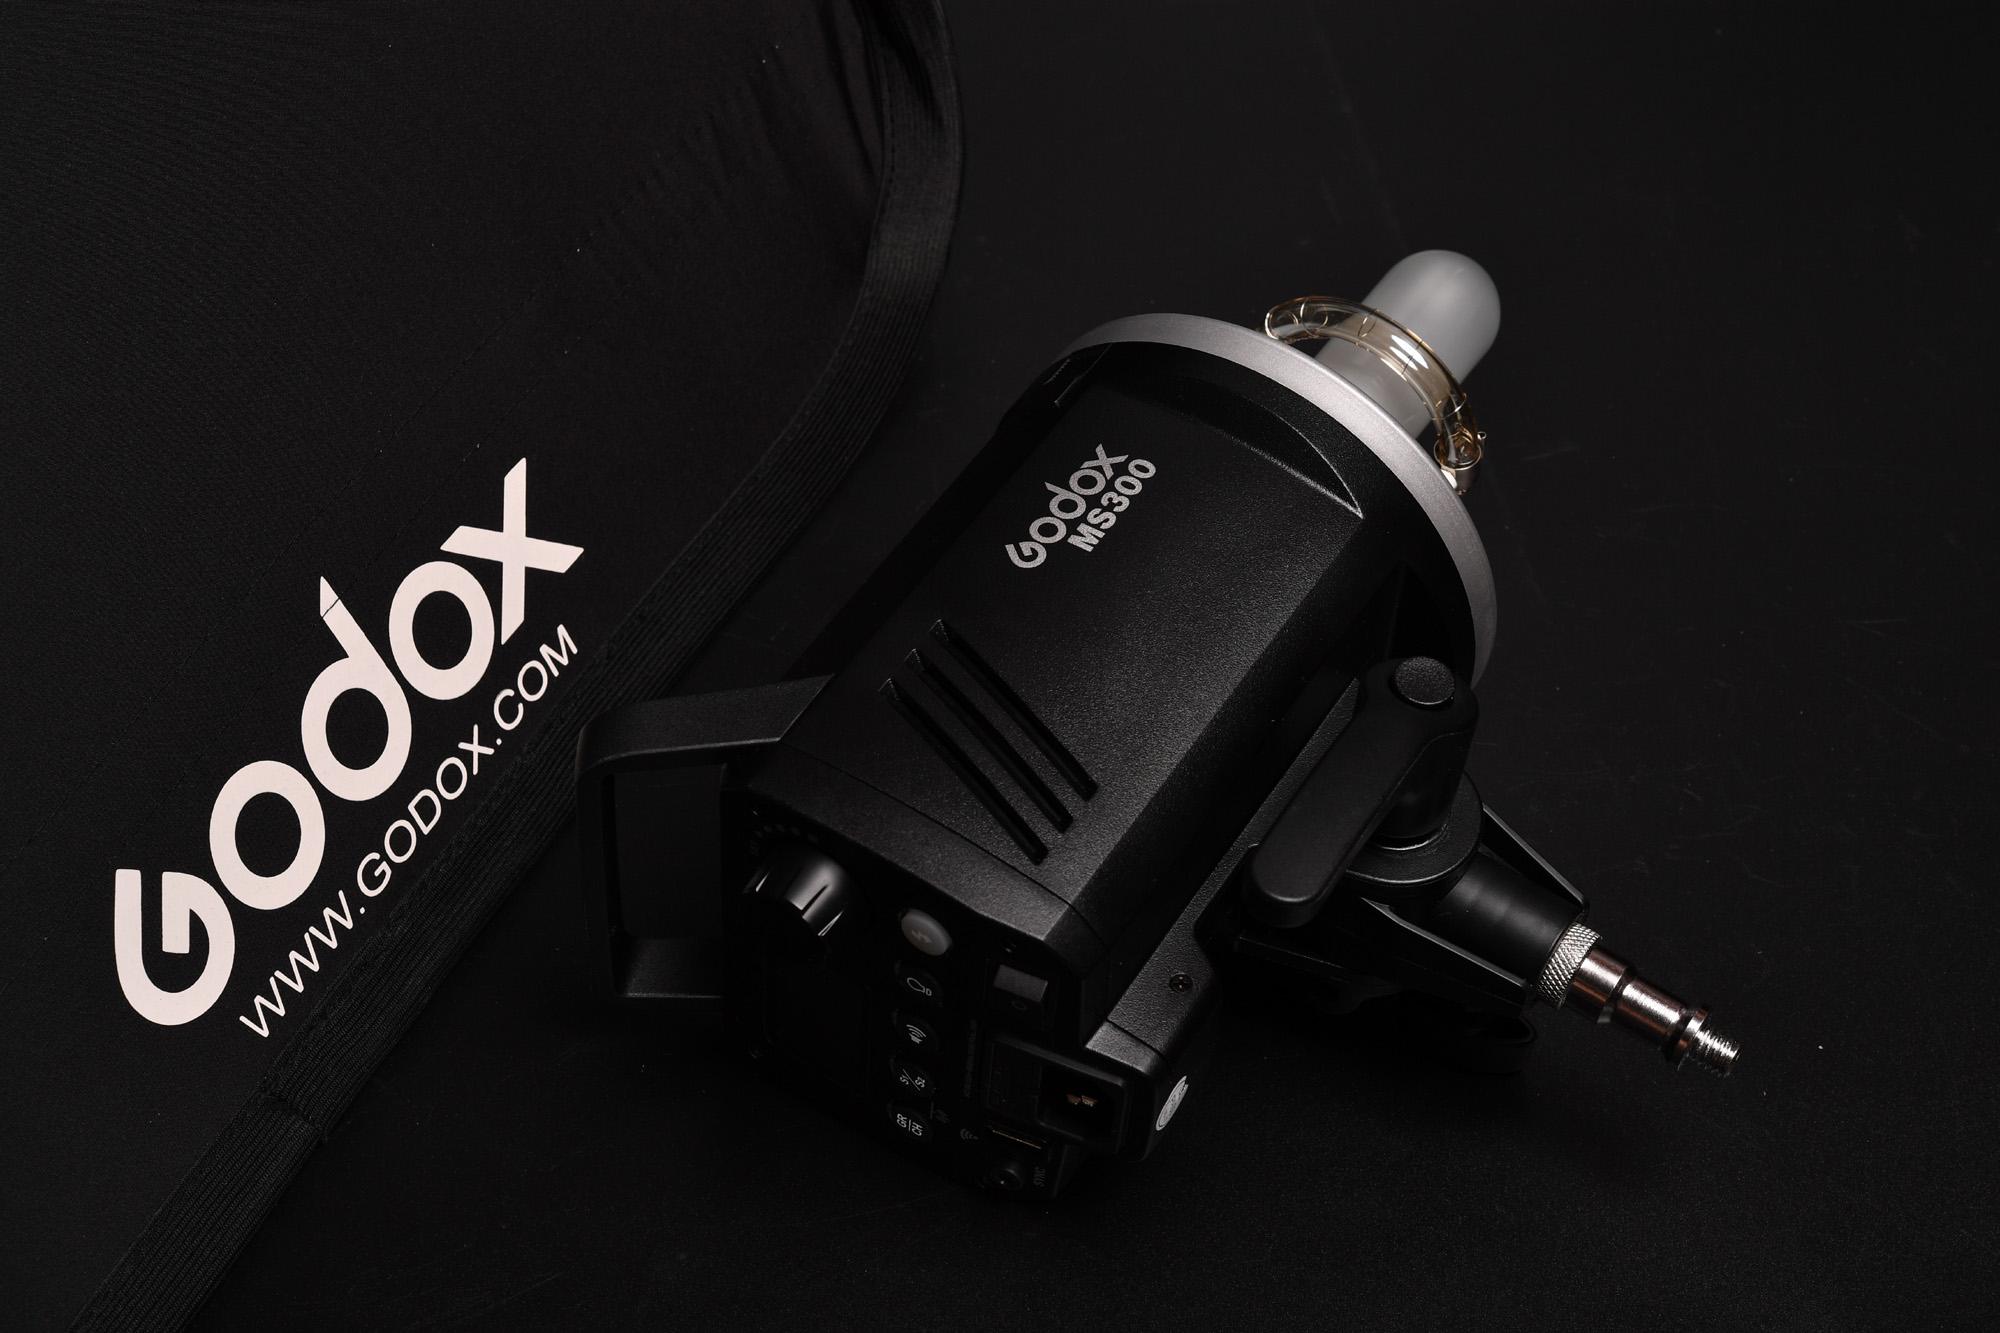 Godox MS300 ヒューズ交換しました。 小型モノポッド ワイヤレス フラッシュ